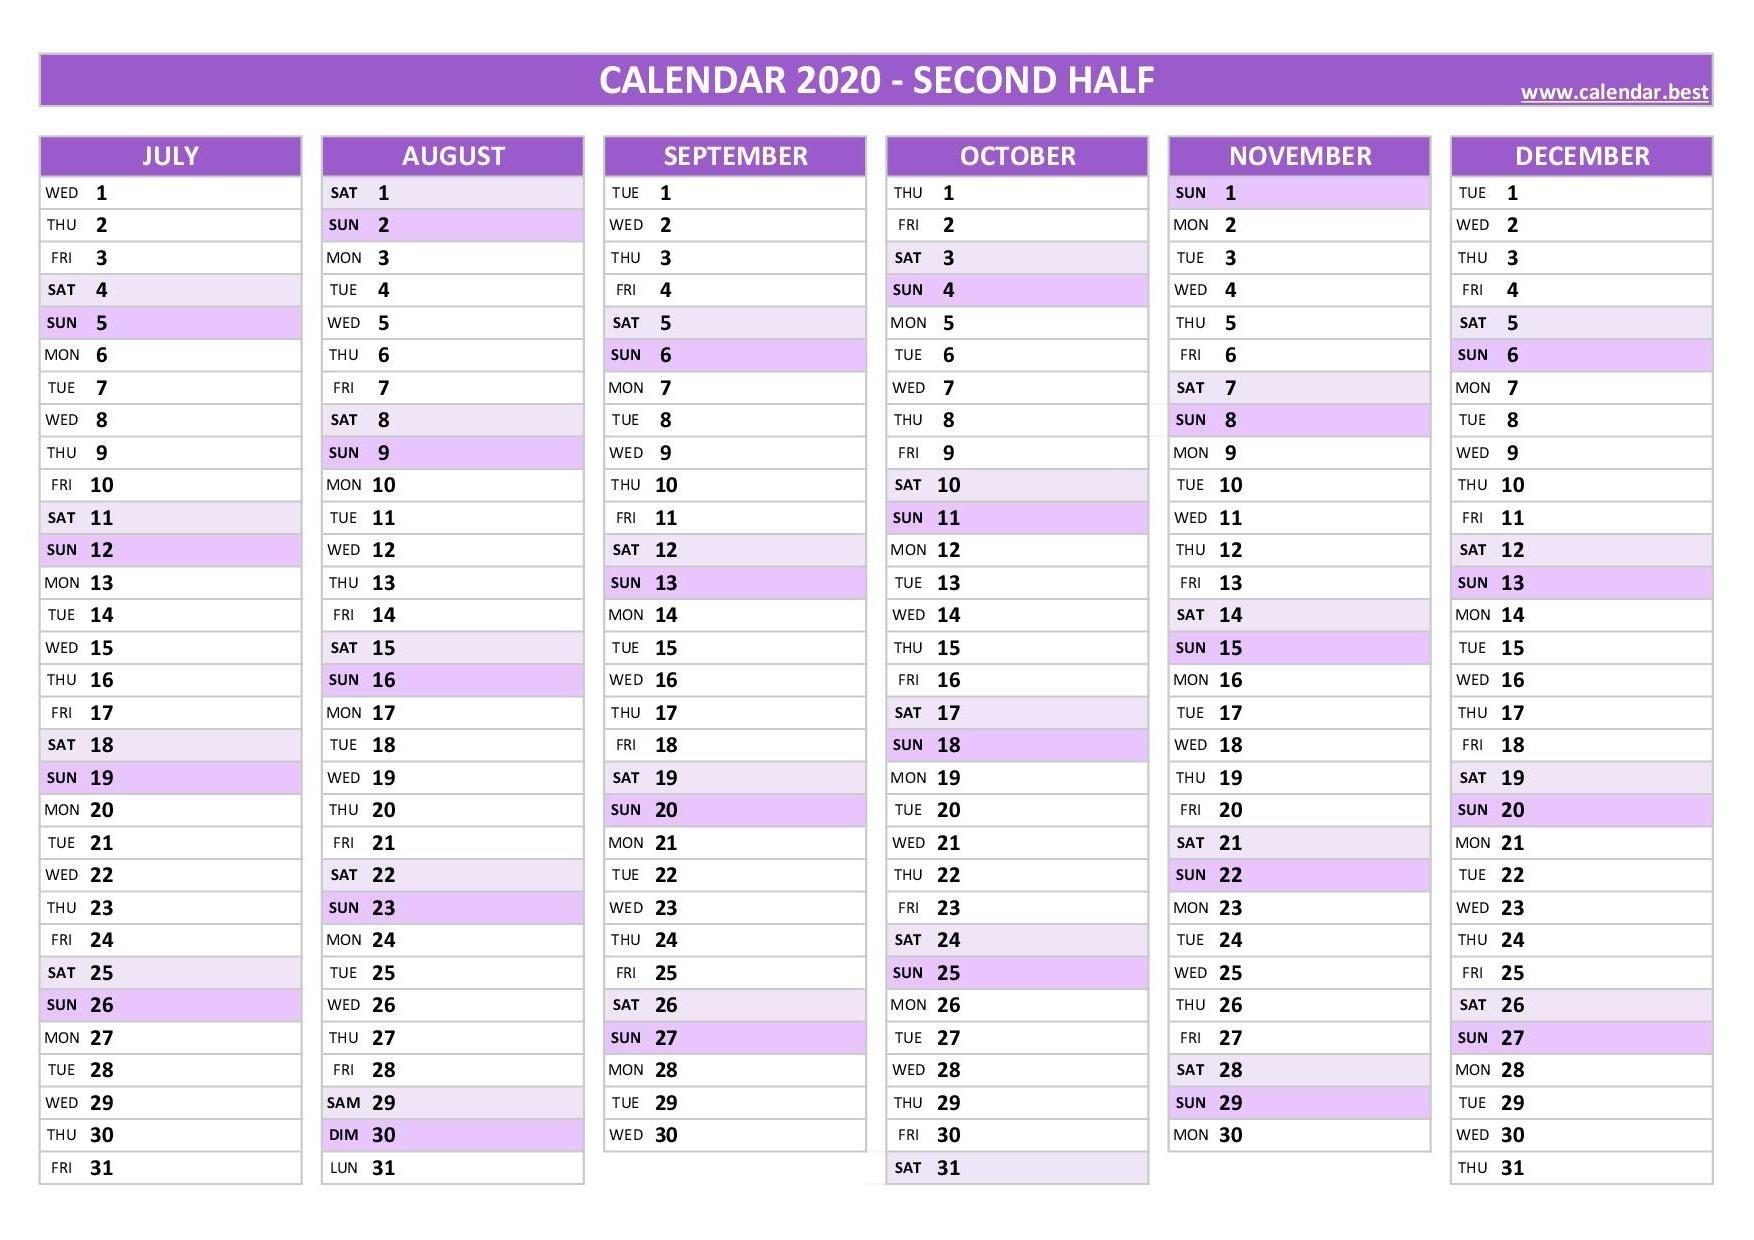 2020 Calendar - Calendar.best